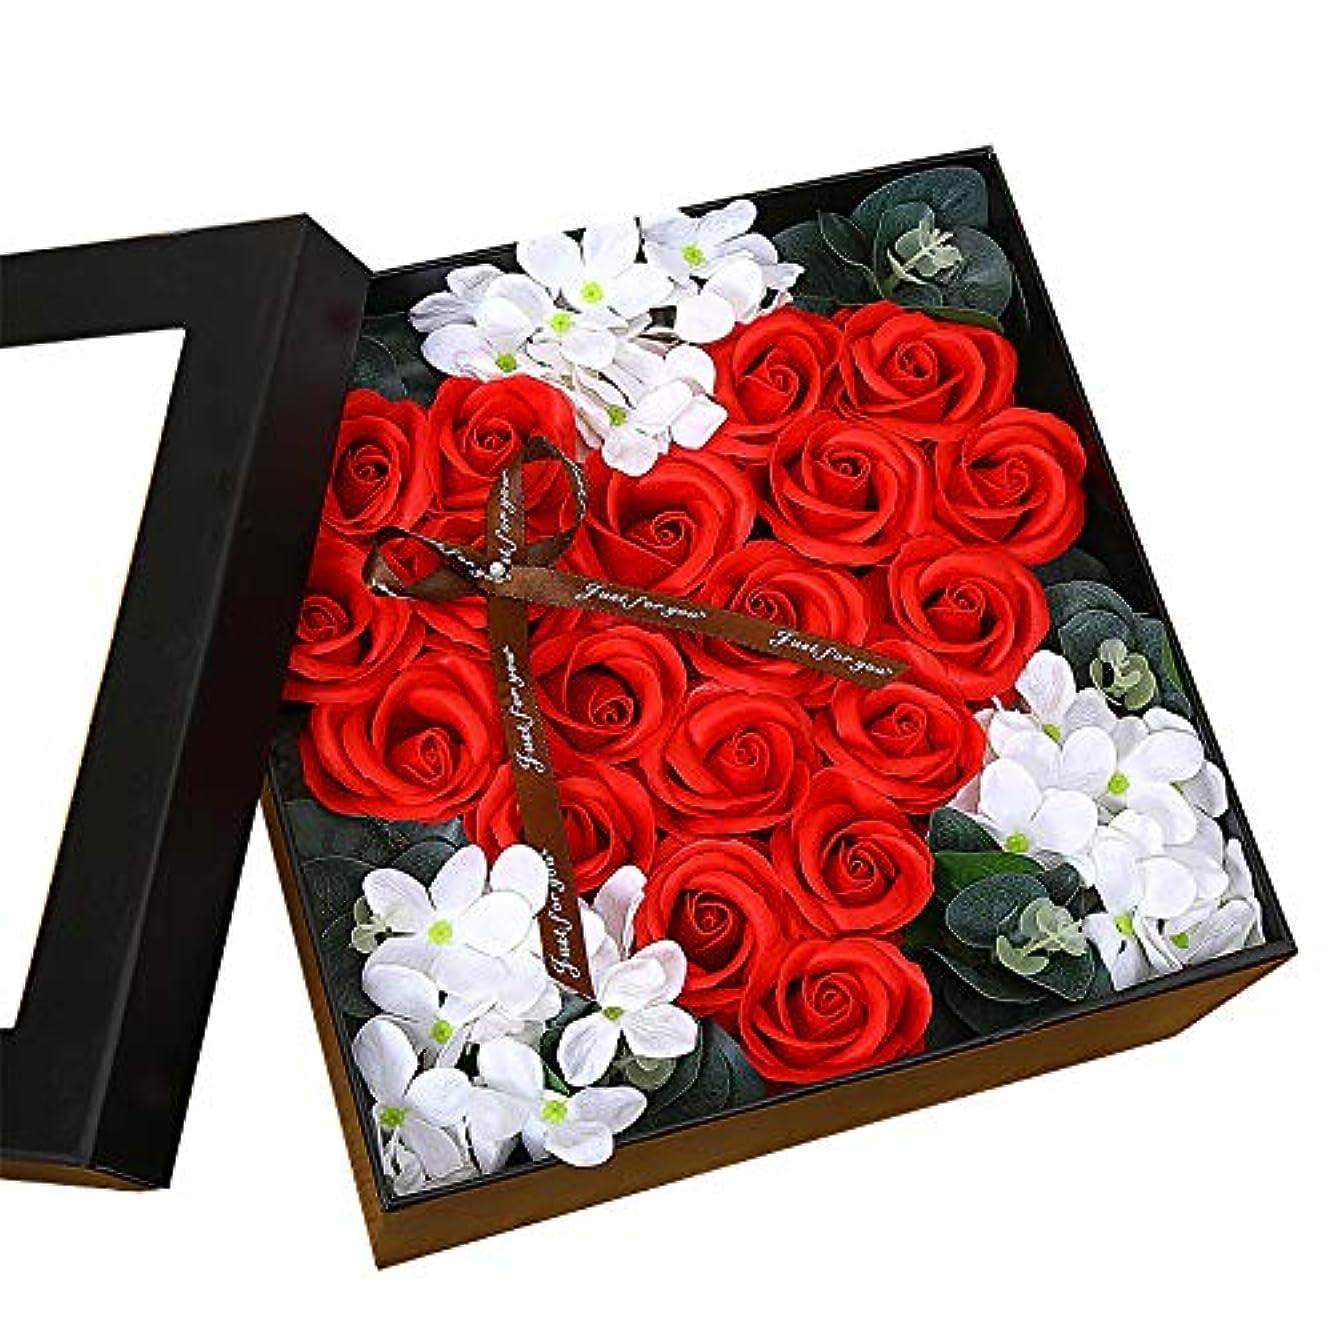 ダース同じ告白生地と花石鹸の花 ギフトソープフラワーローズフラワーバレンタインデーのために不可欠ガールフレンド記念日誕生日母の日 (色 : Red square box)